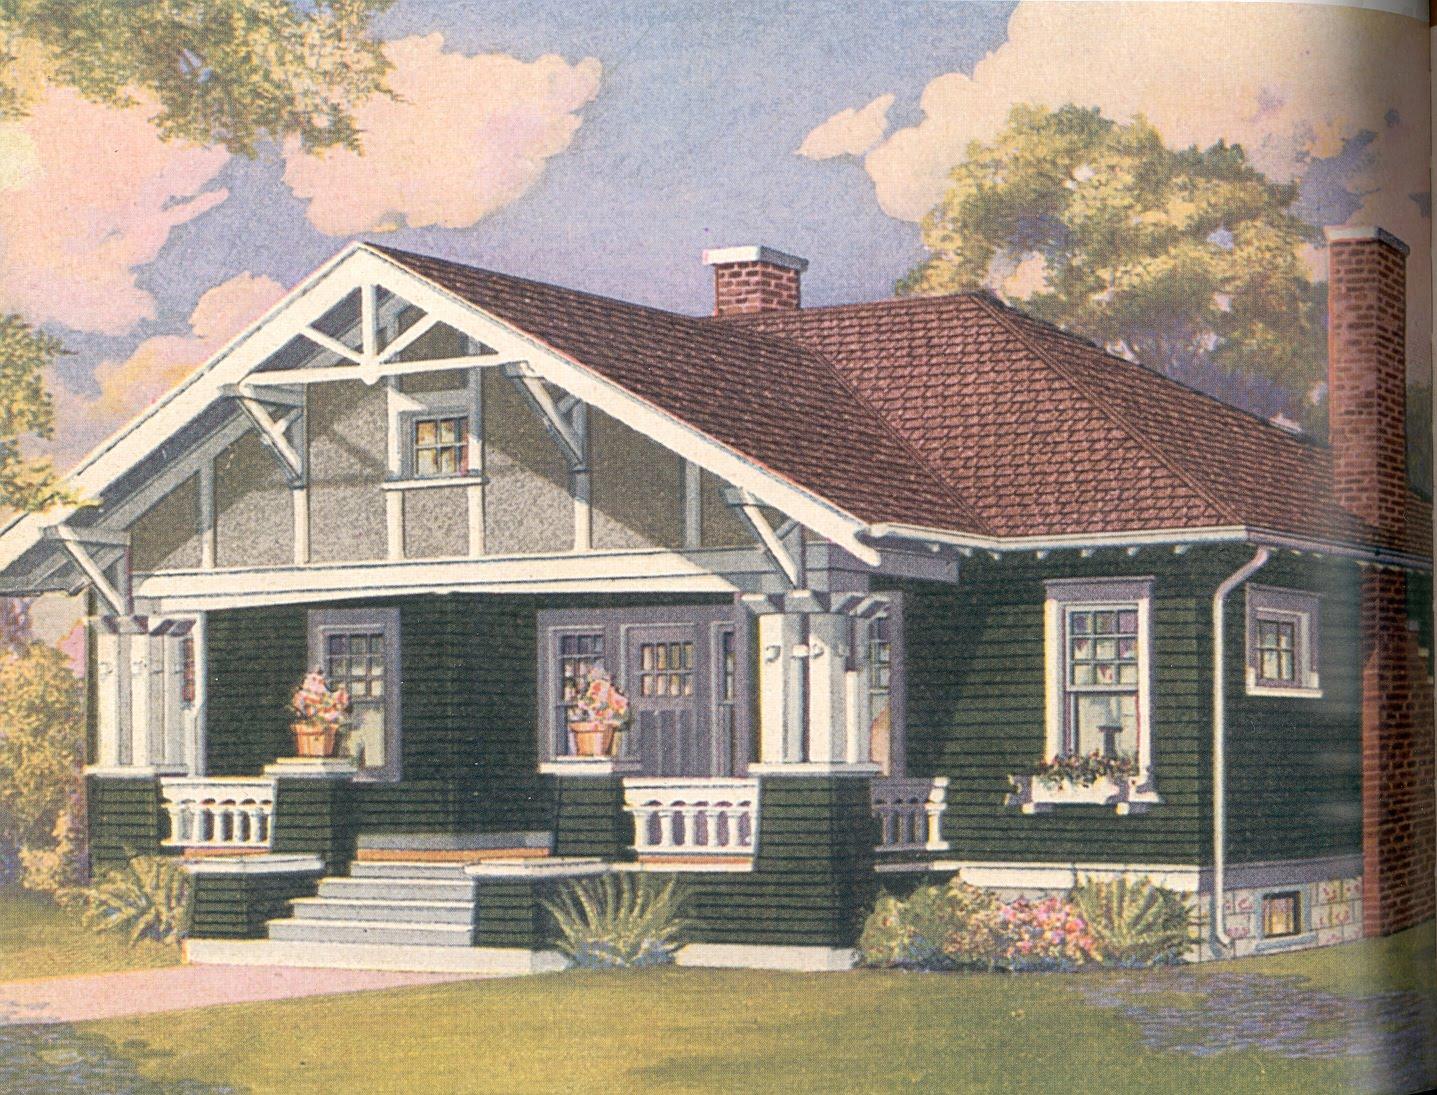 Laurelhurst craftsman bungalow craftsman exterior decision - What is a bungalow ...